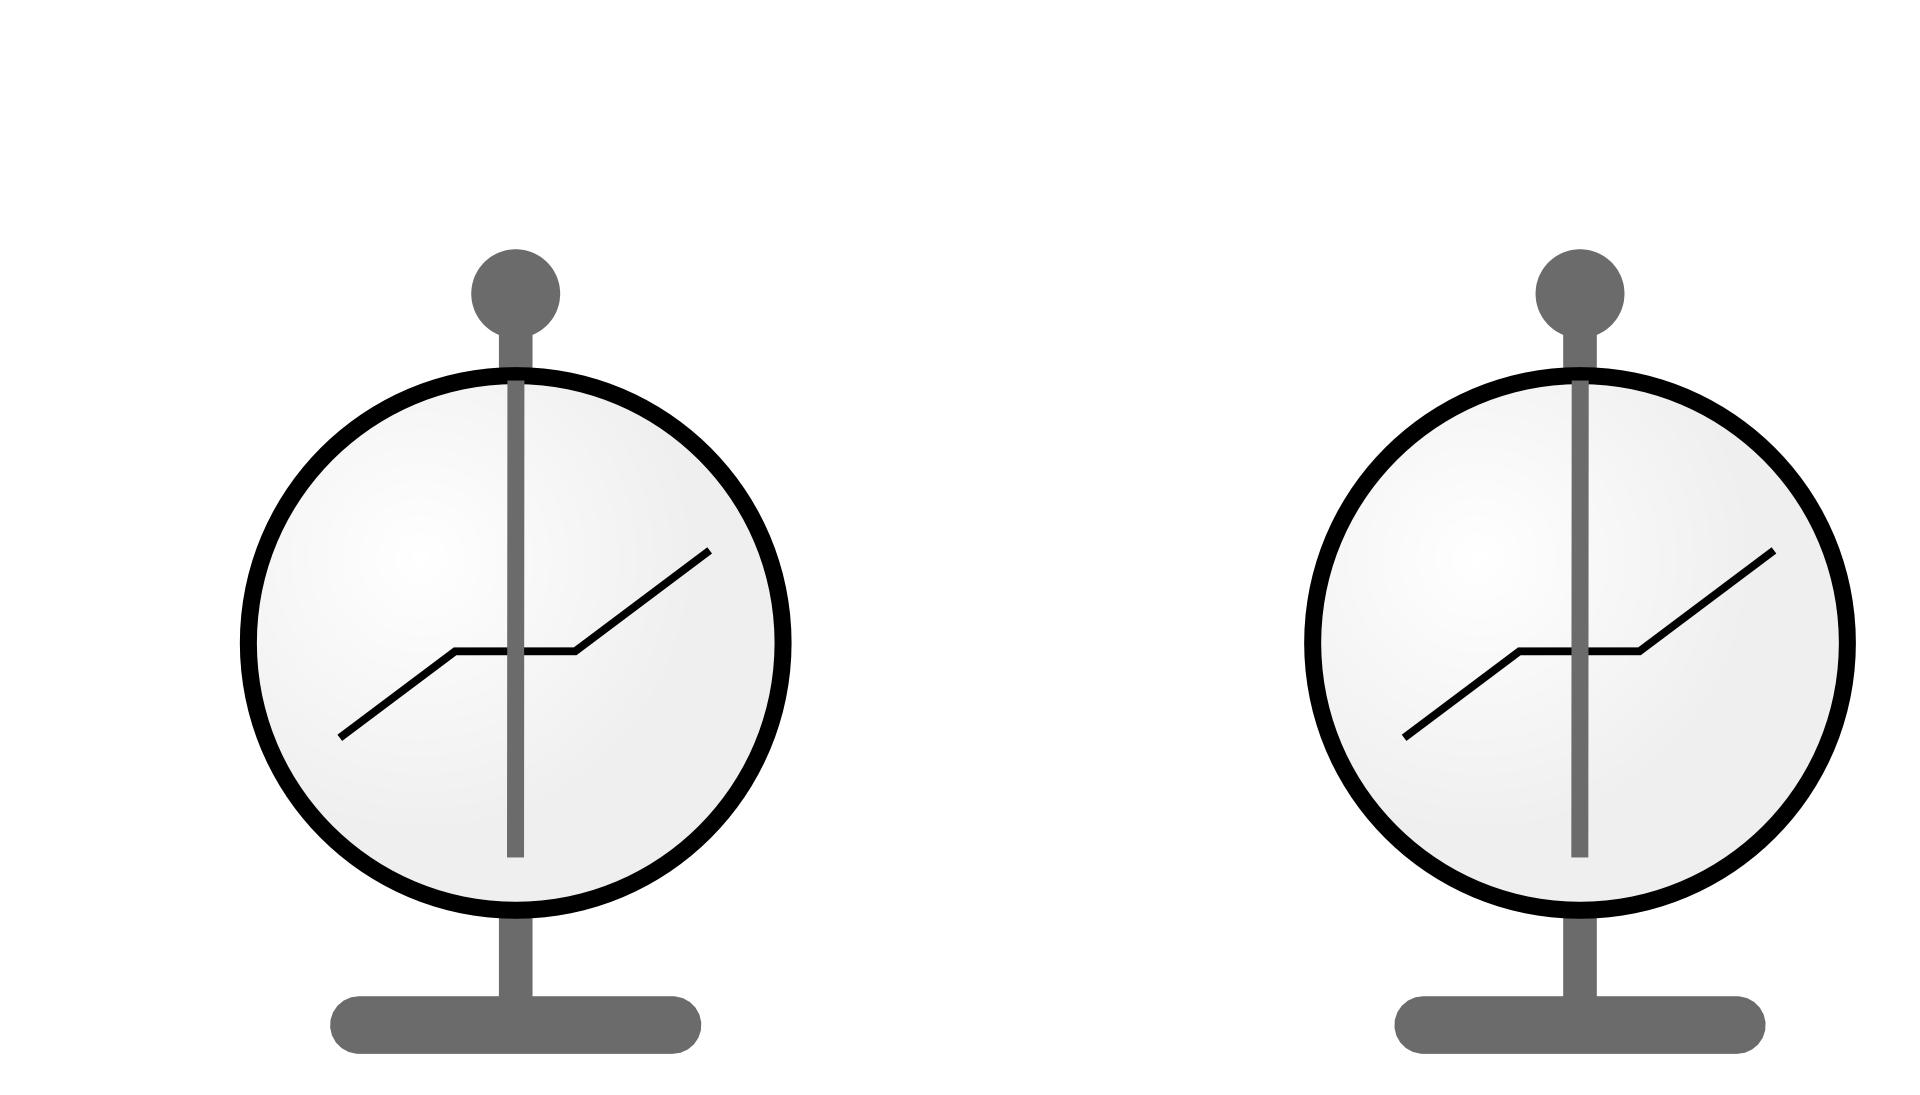 Instrukcja do doświadczenia, rysunek 3